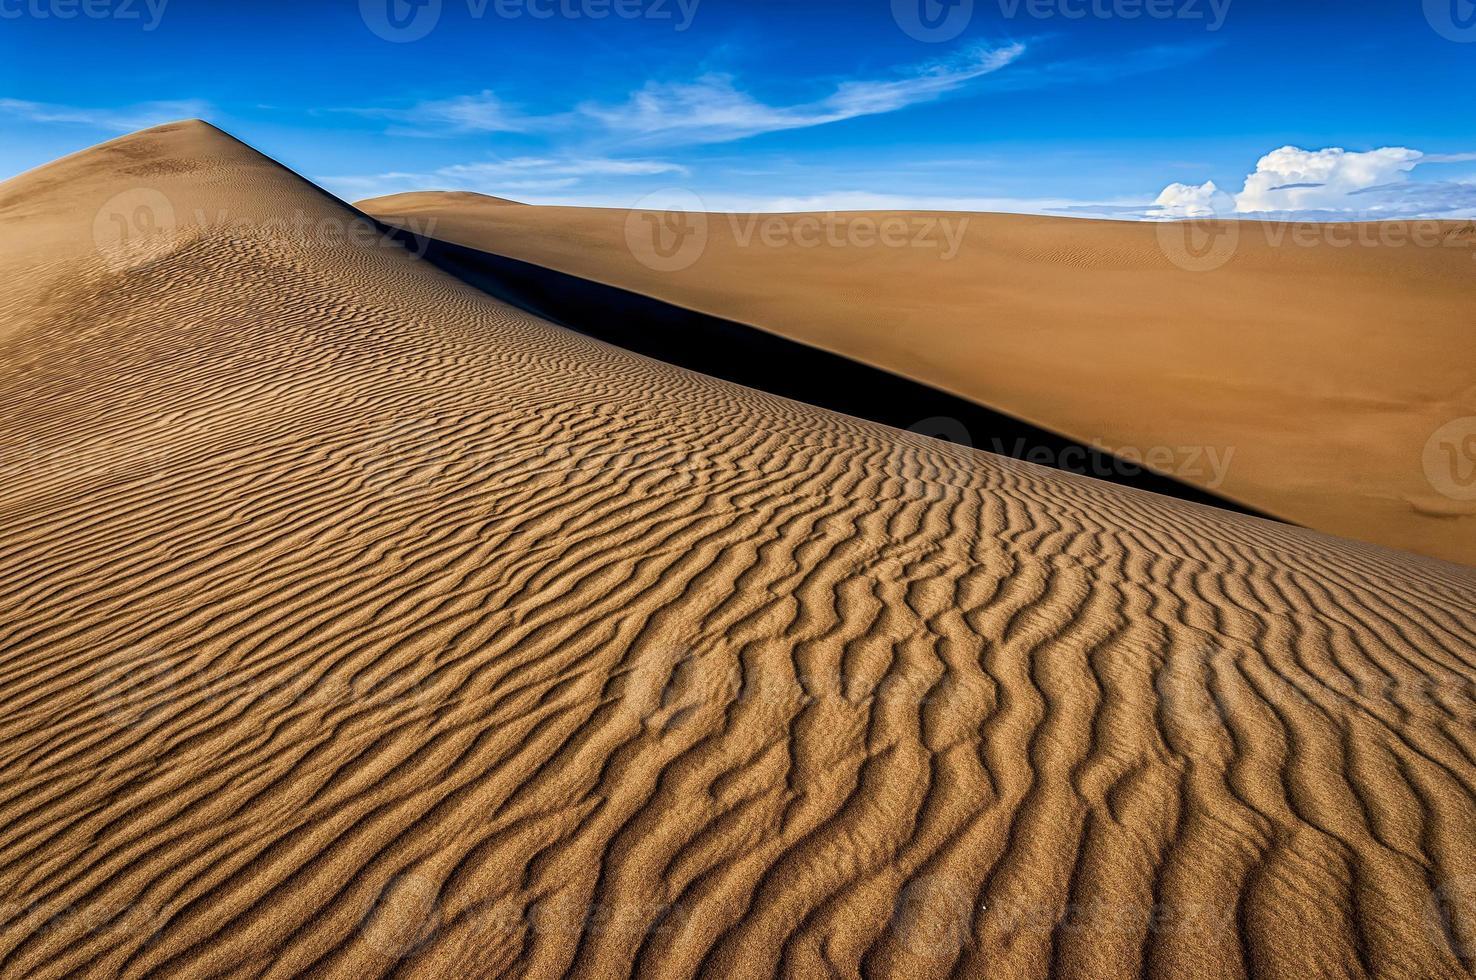 de namib zandzee bestaande uit vele zandduinen. foto